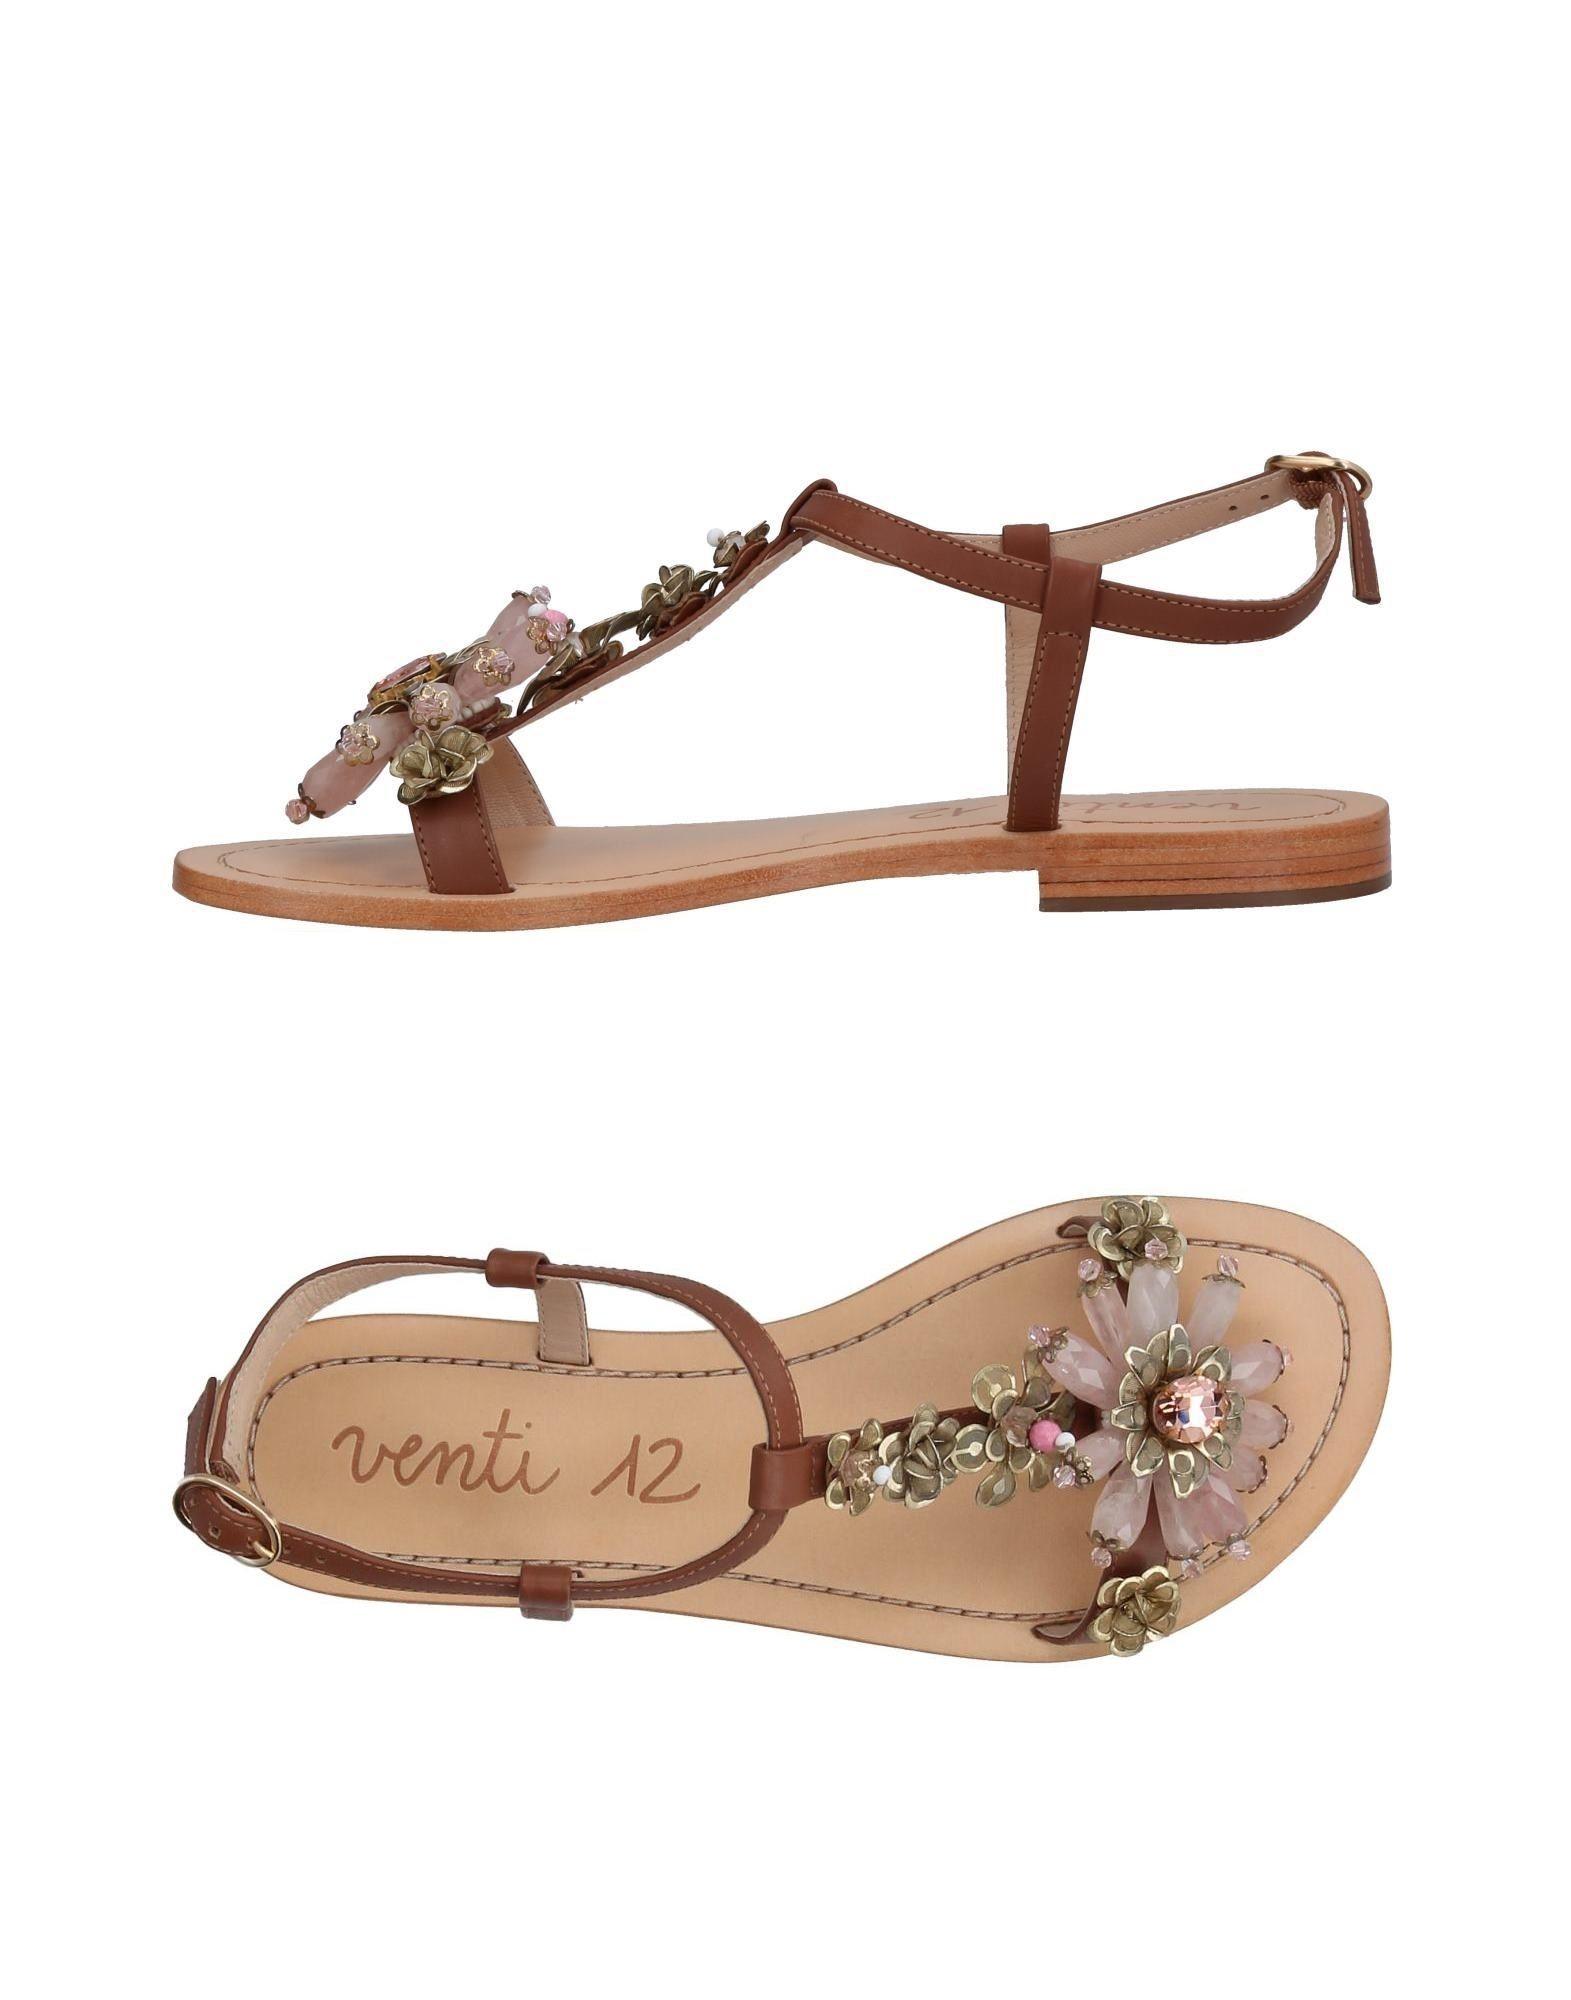 VENTI 12 Sandals in Light Pink